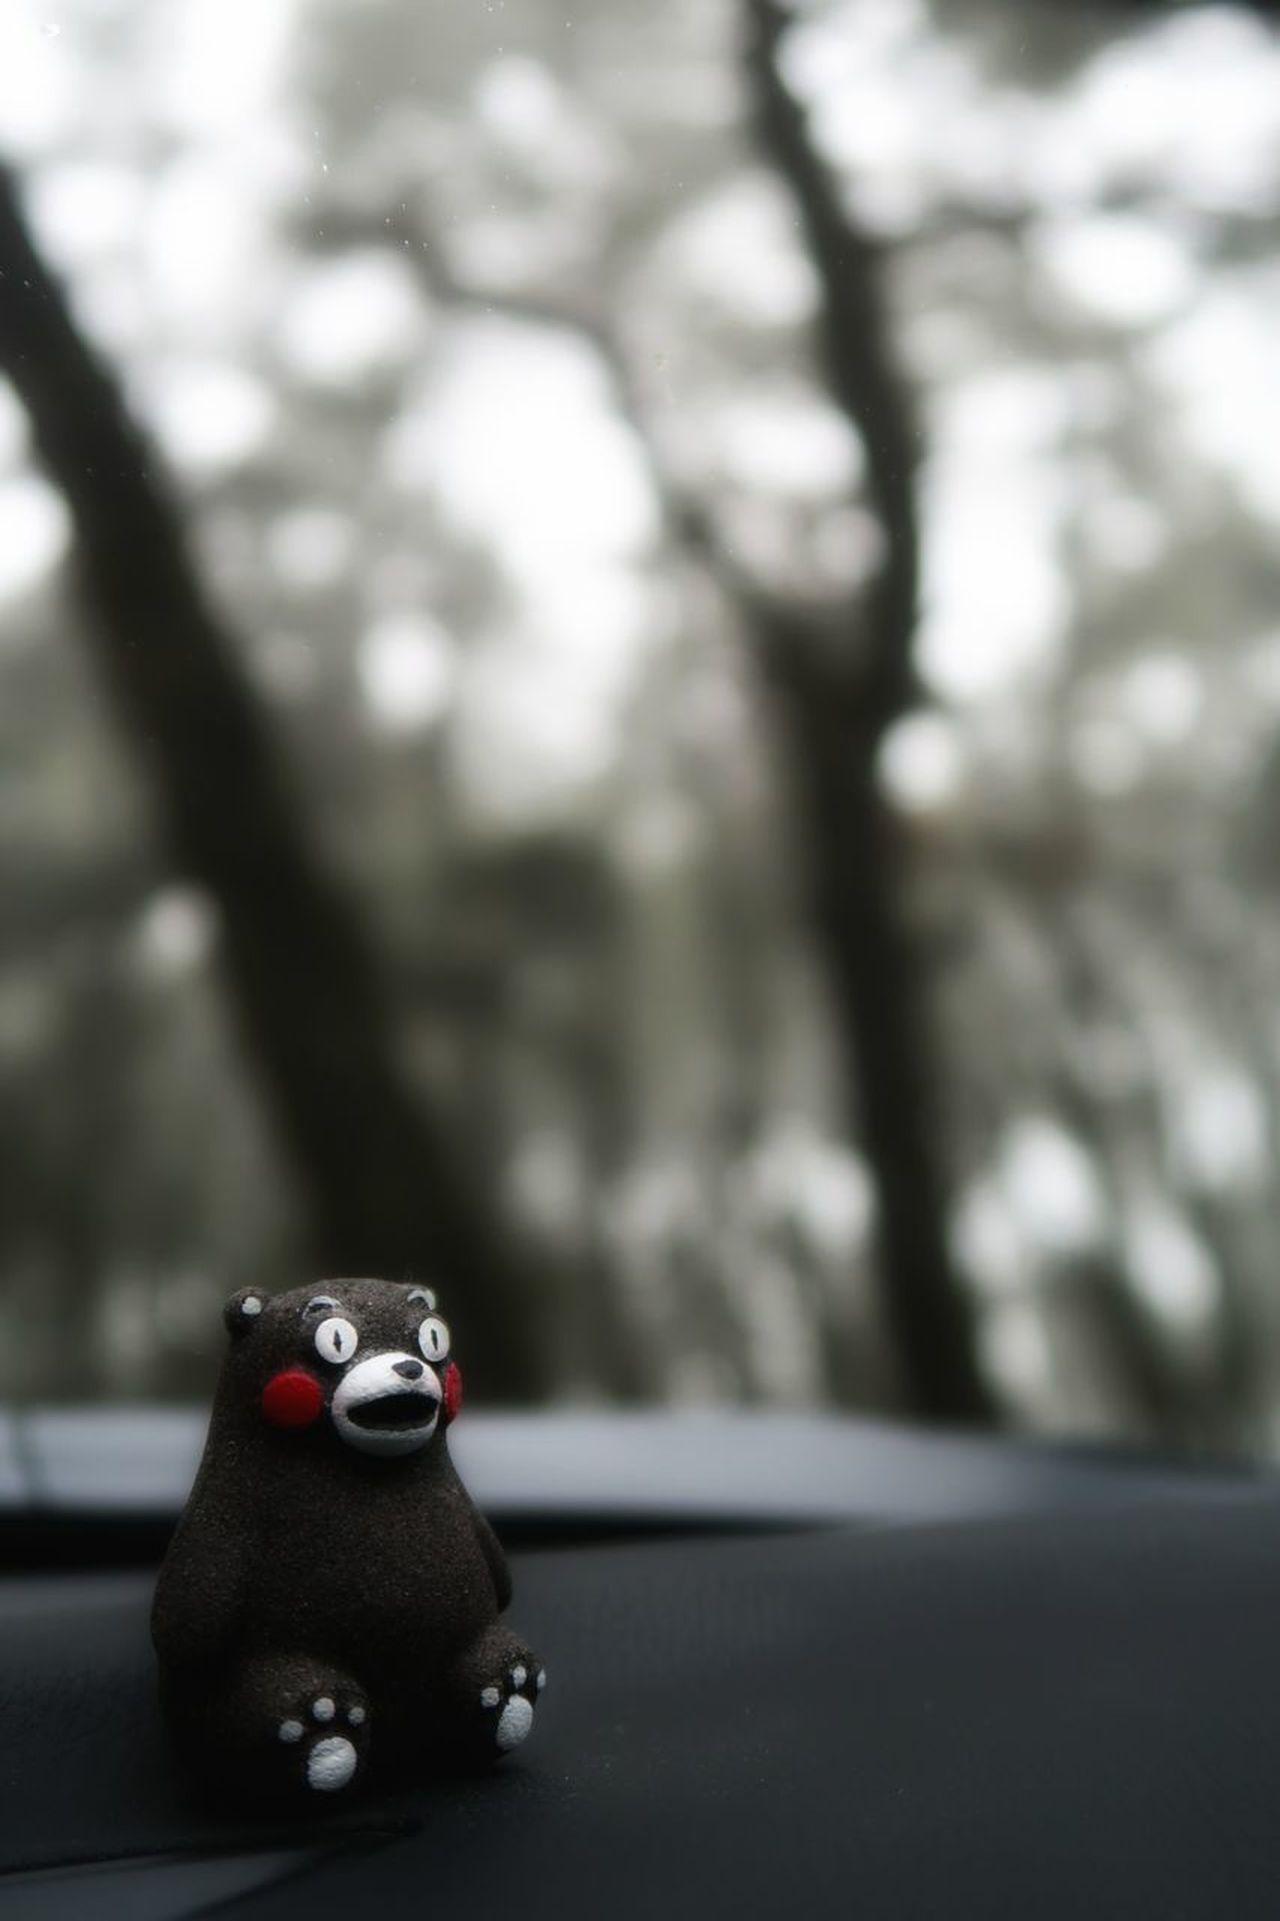 唐津 虹の松原 松林 砂浜 霧 雨上がり 木 マツダ アクセラ くまもん Toy Tree Forest Pine Trees Beach Fog Rainy Days Cloudy Day Road Green Color Car Mazda MaZda3 春 雨